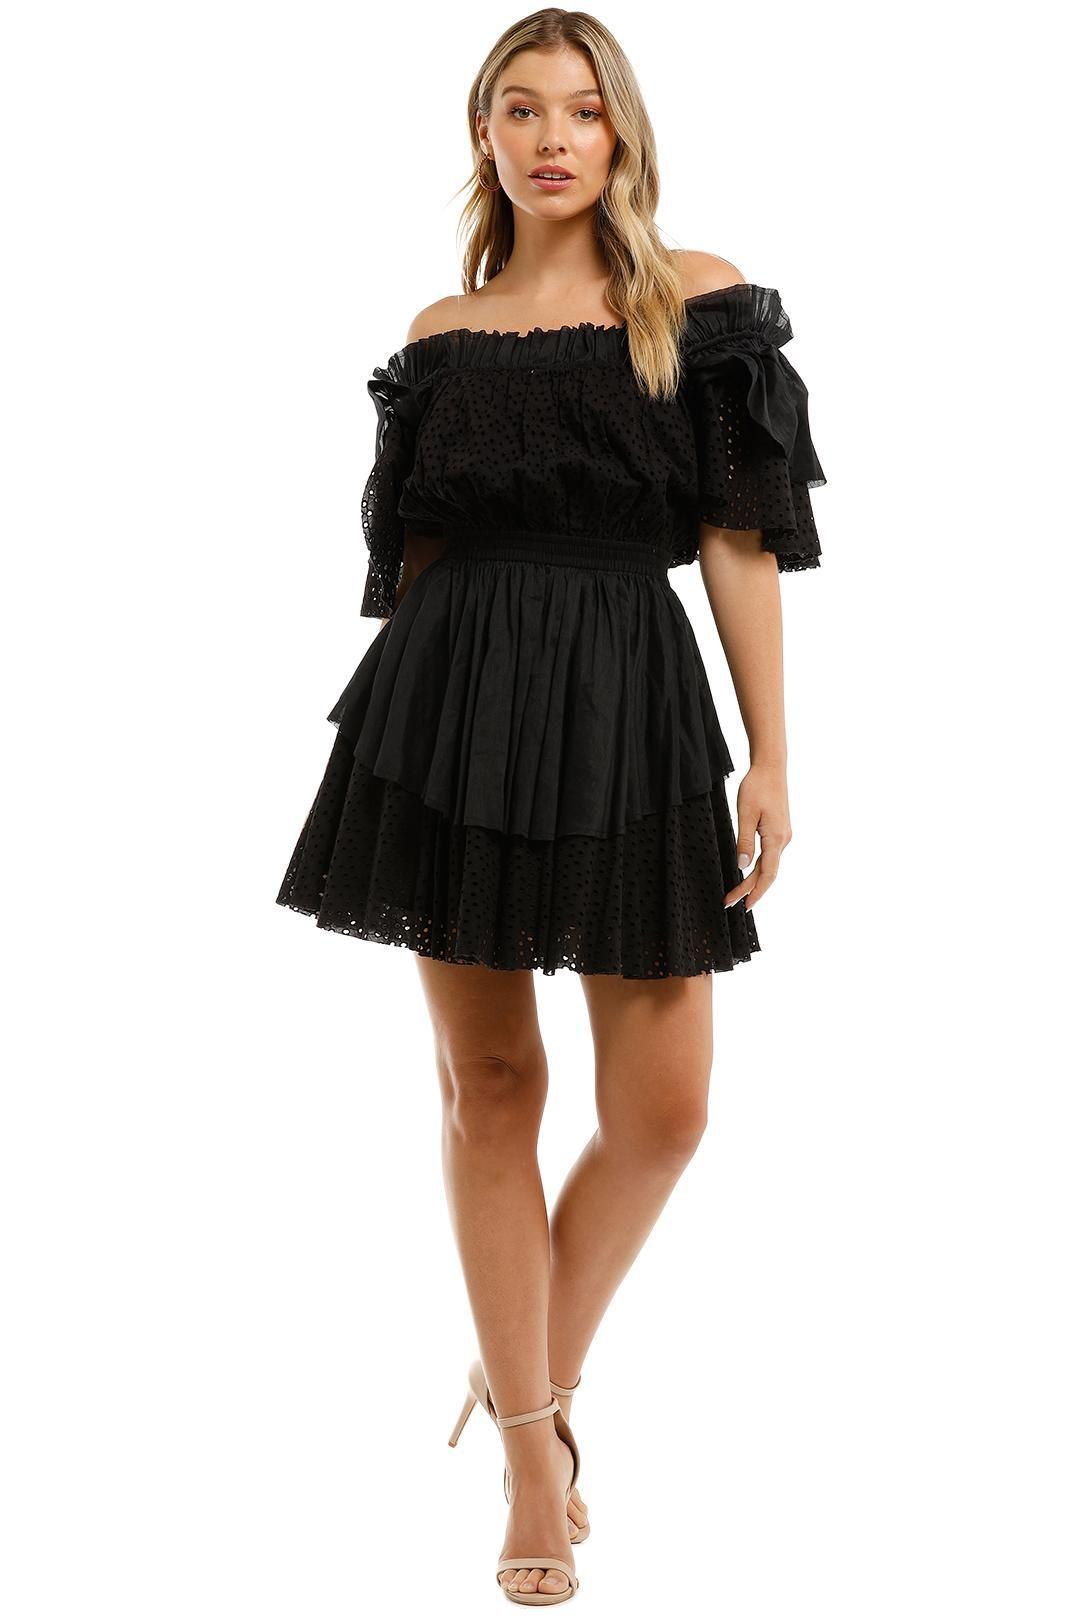 Aje Meadow Broderie Dress